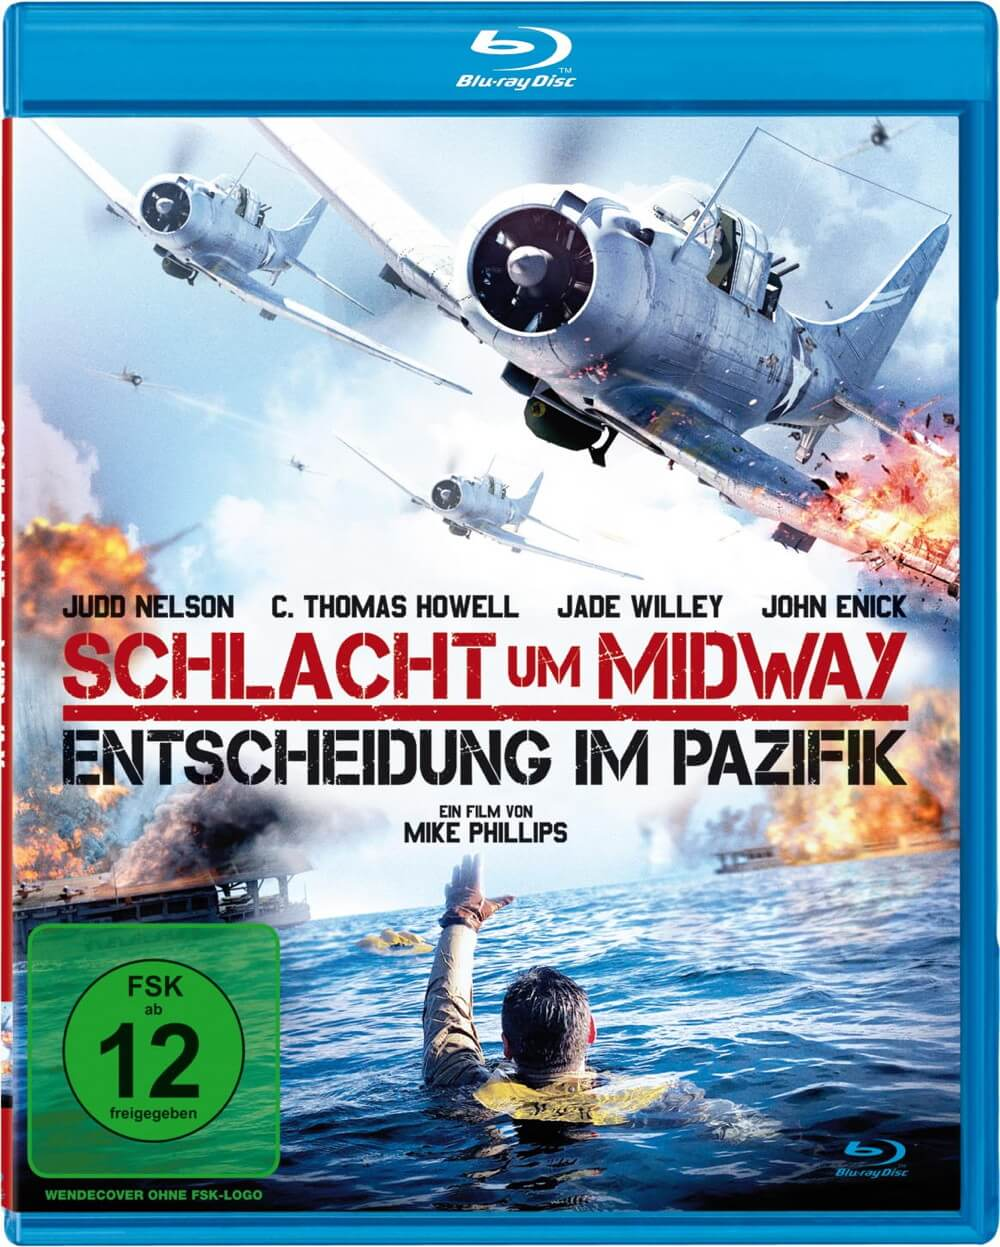 Schlacht Um Midway Film